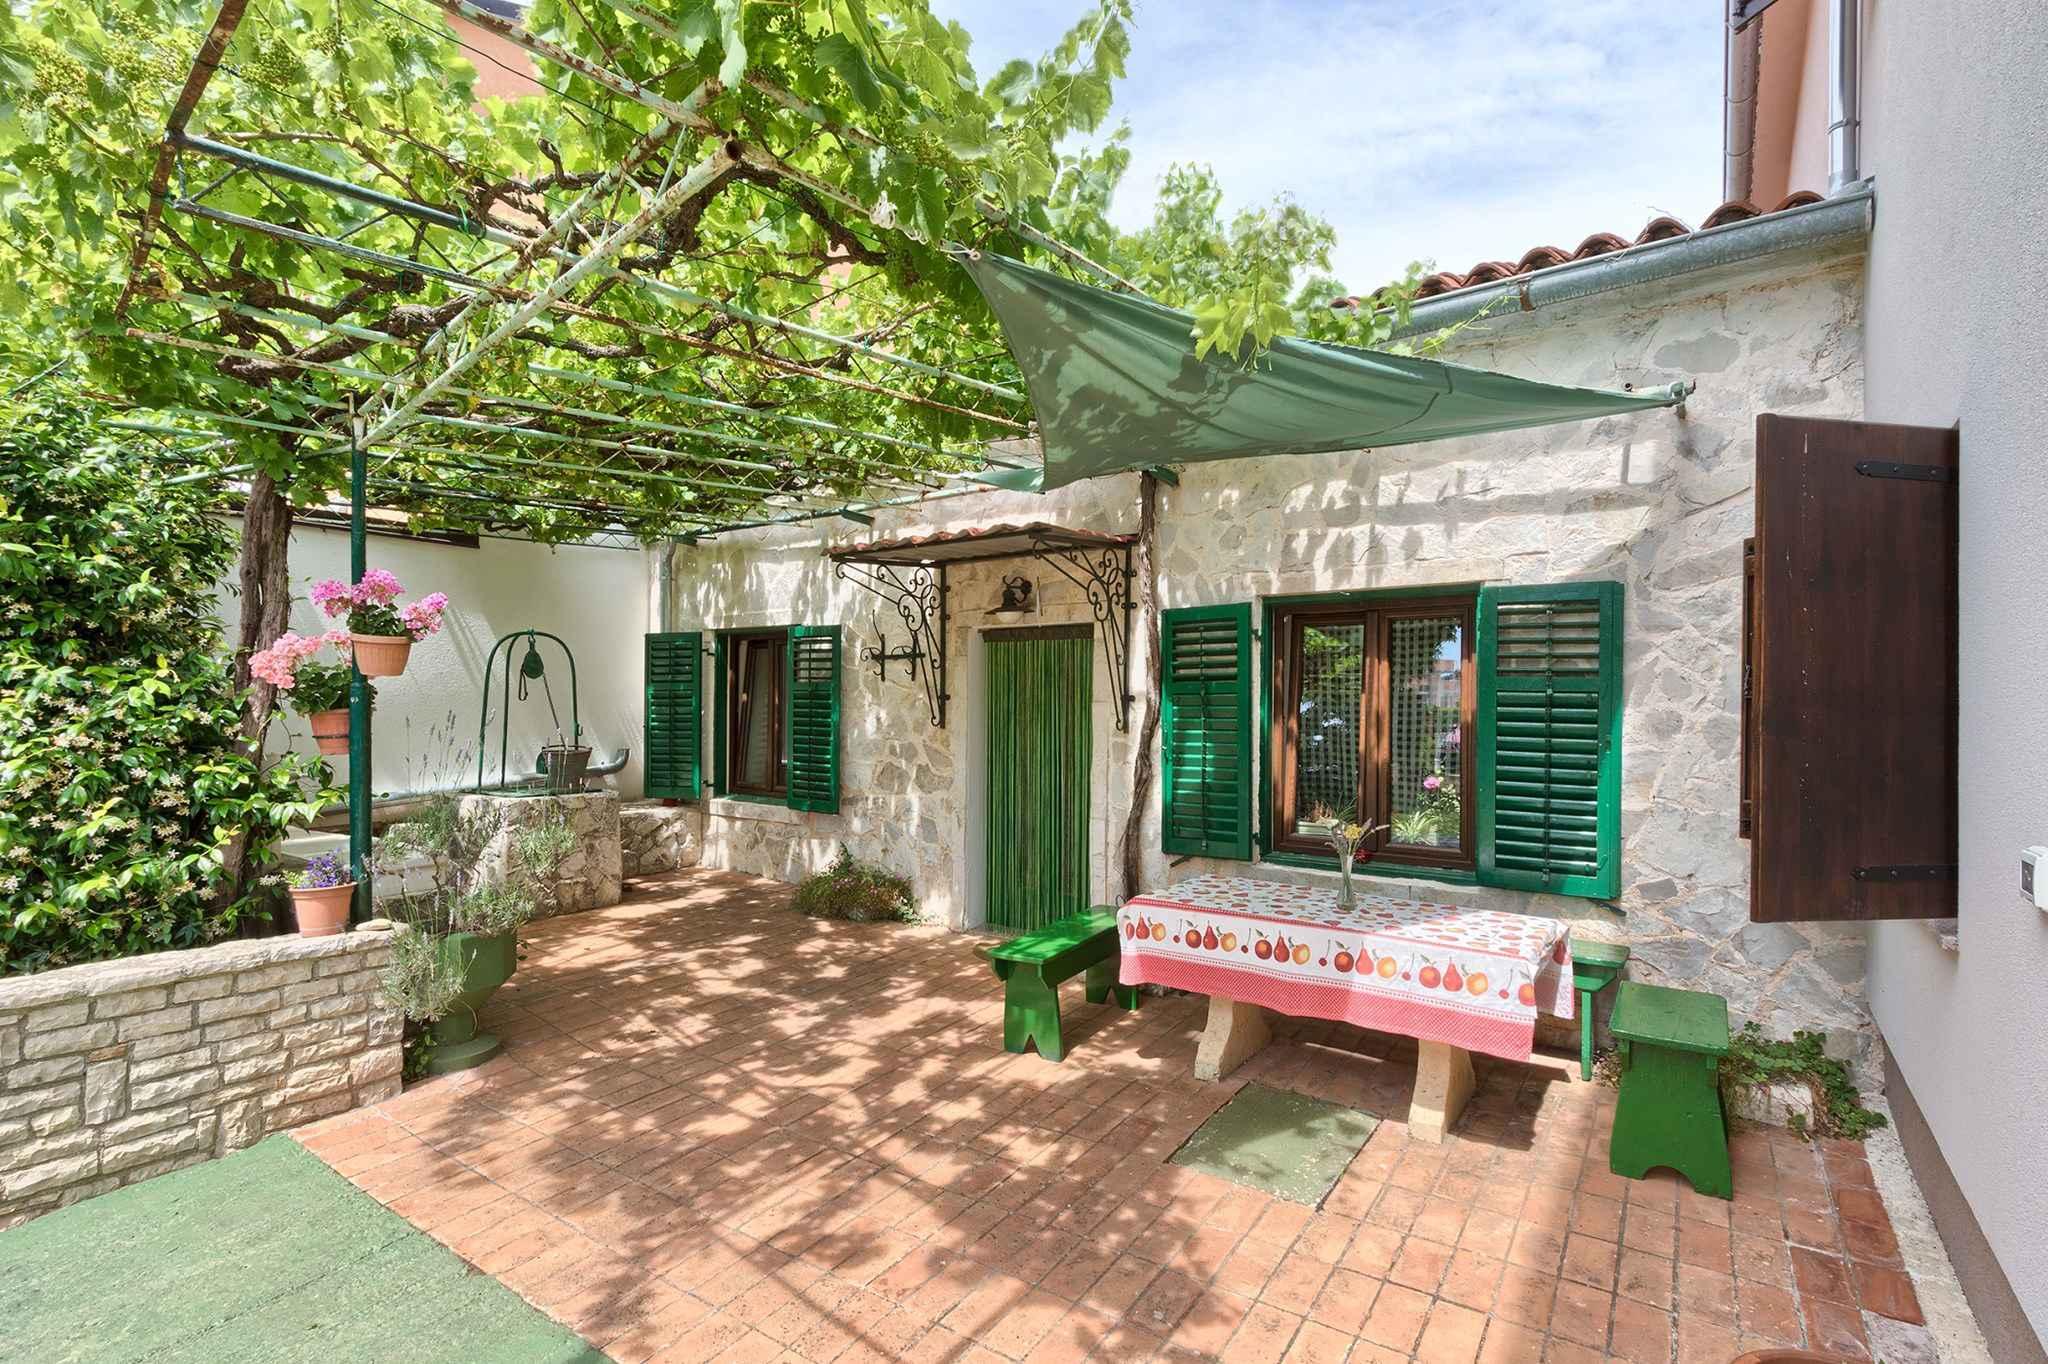 Ferienhaus mit Garten (470324), Marcana, , Istrien, Kroatien, Bild 2